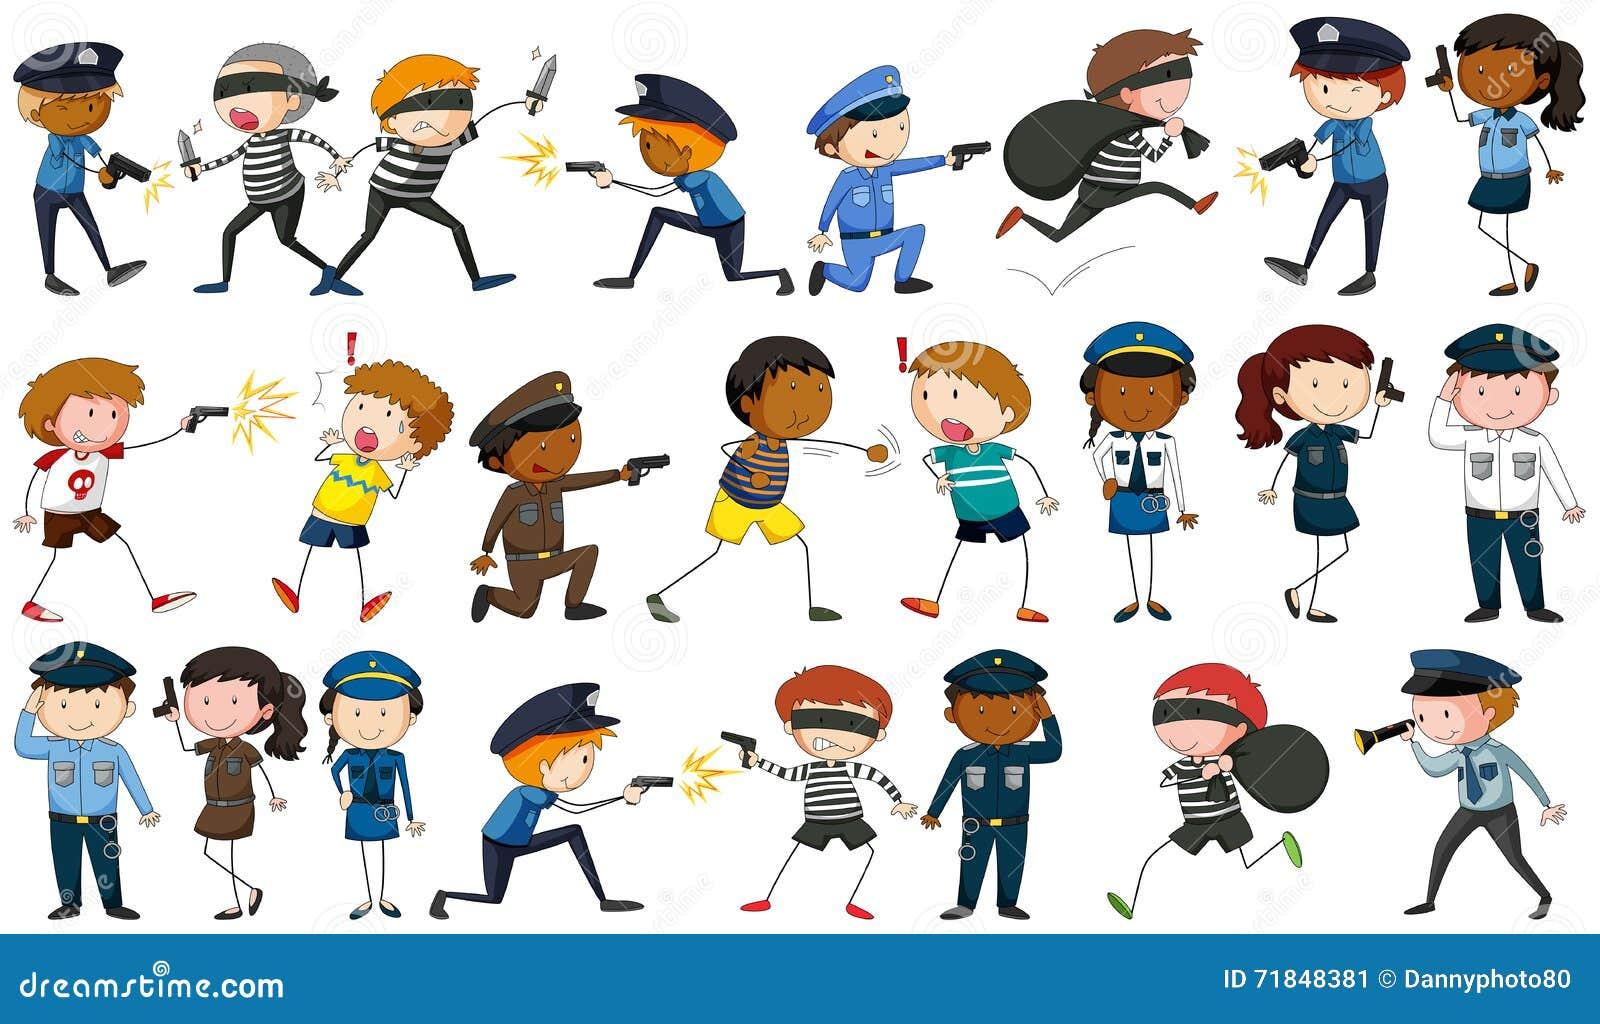 Αστυνομικός και εγκληματικοί χαρακτήρες